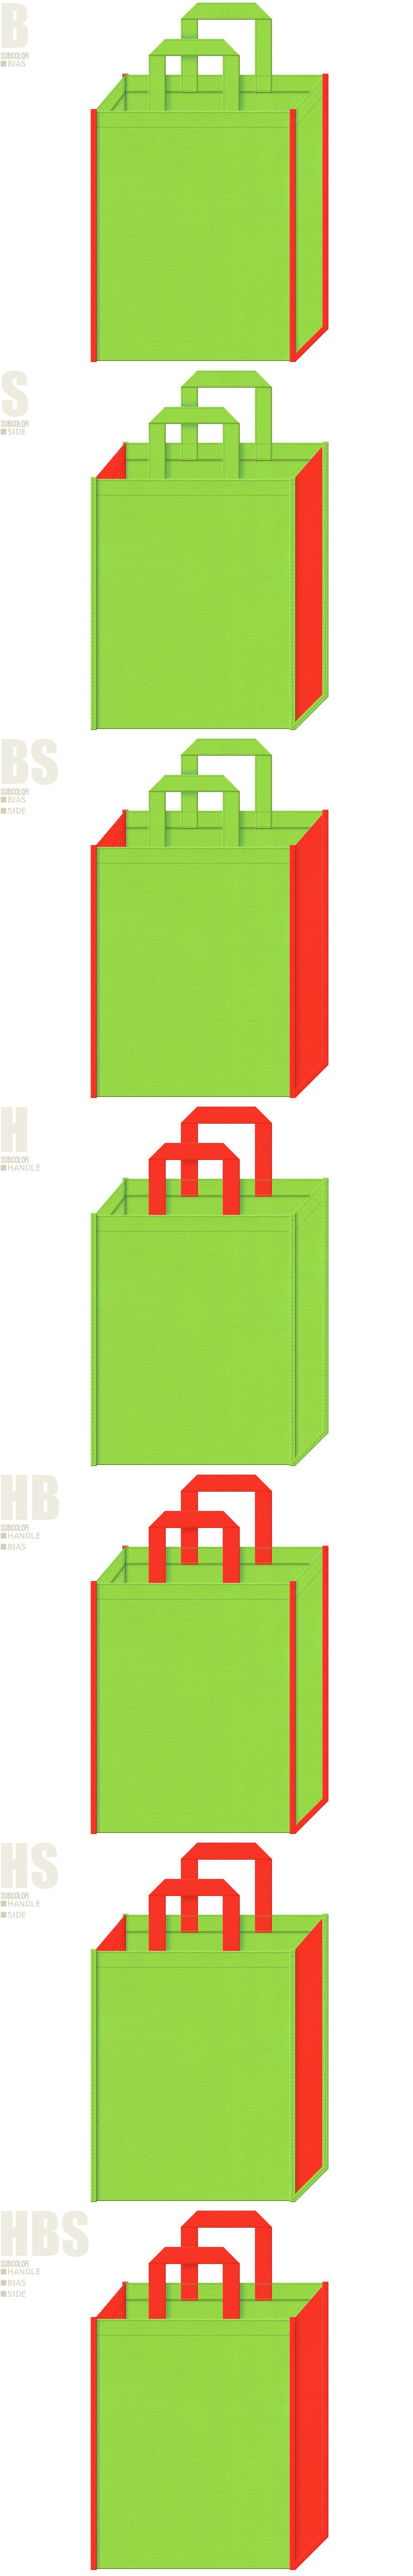 不織布バッグのデザイン:黄緑色とオレンジ色の配色7パターン